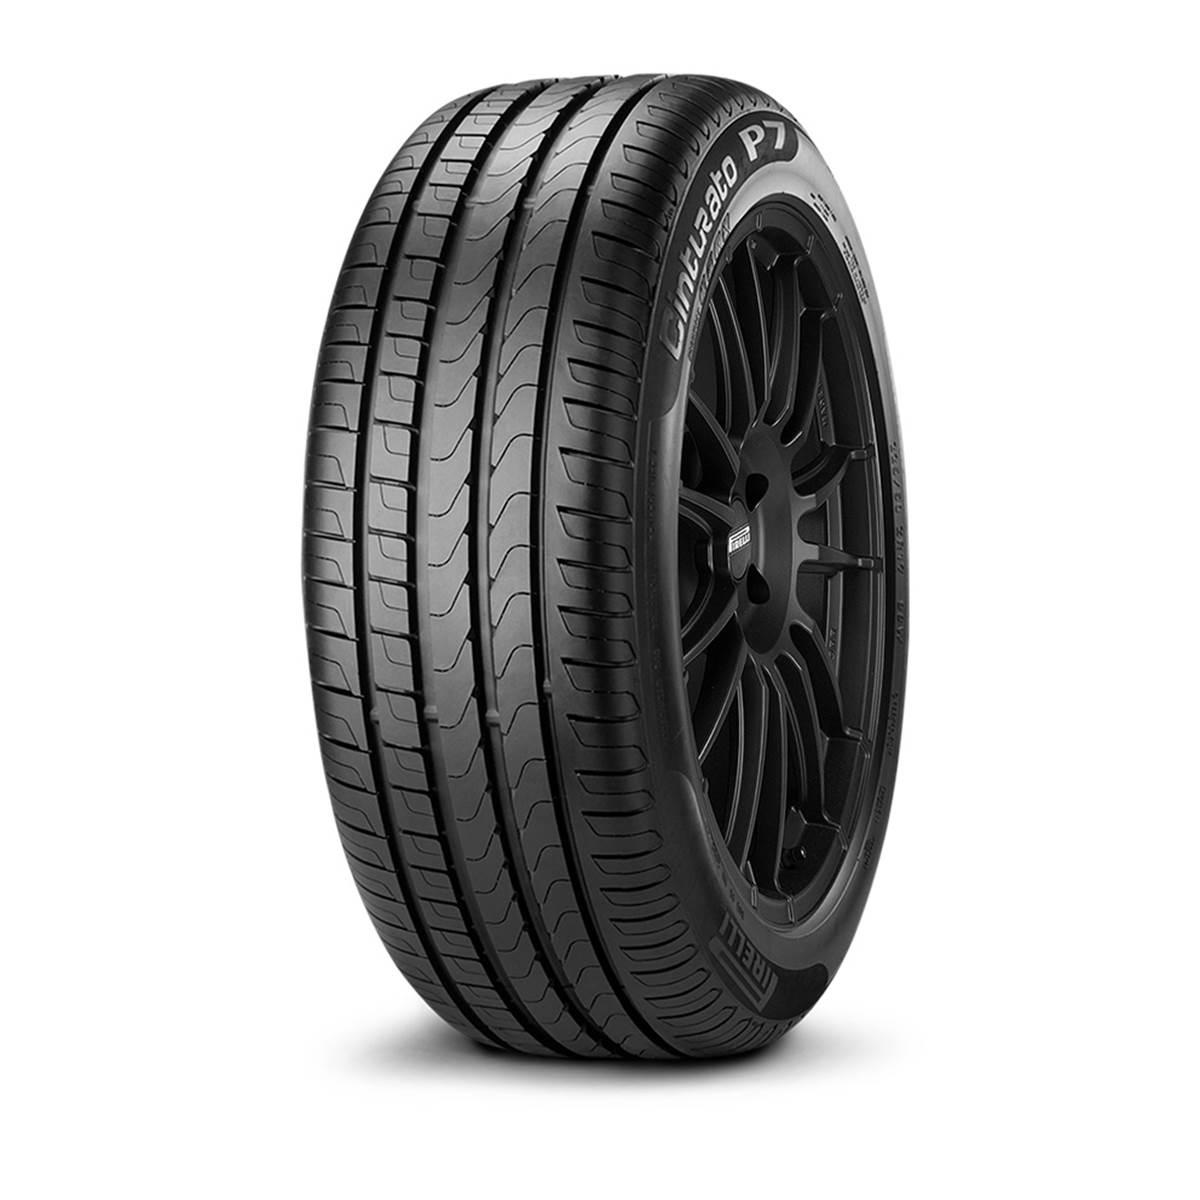 Pneu Runflat Pirelli 205/40R18 86W Cinturato P7 XL